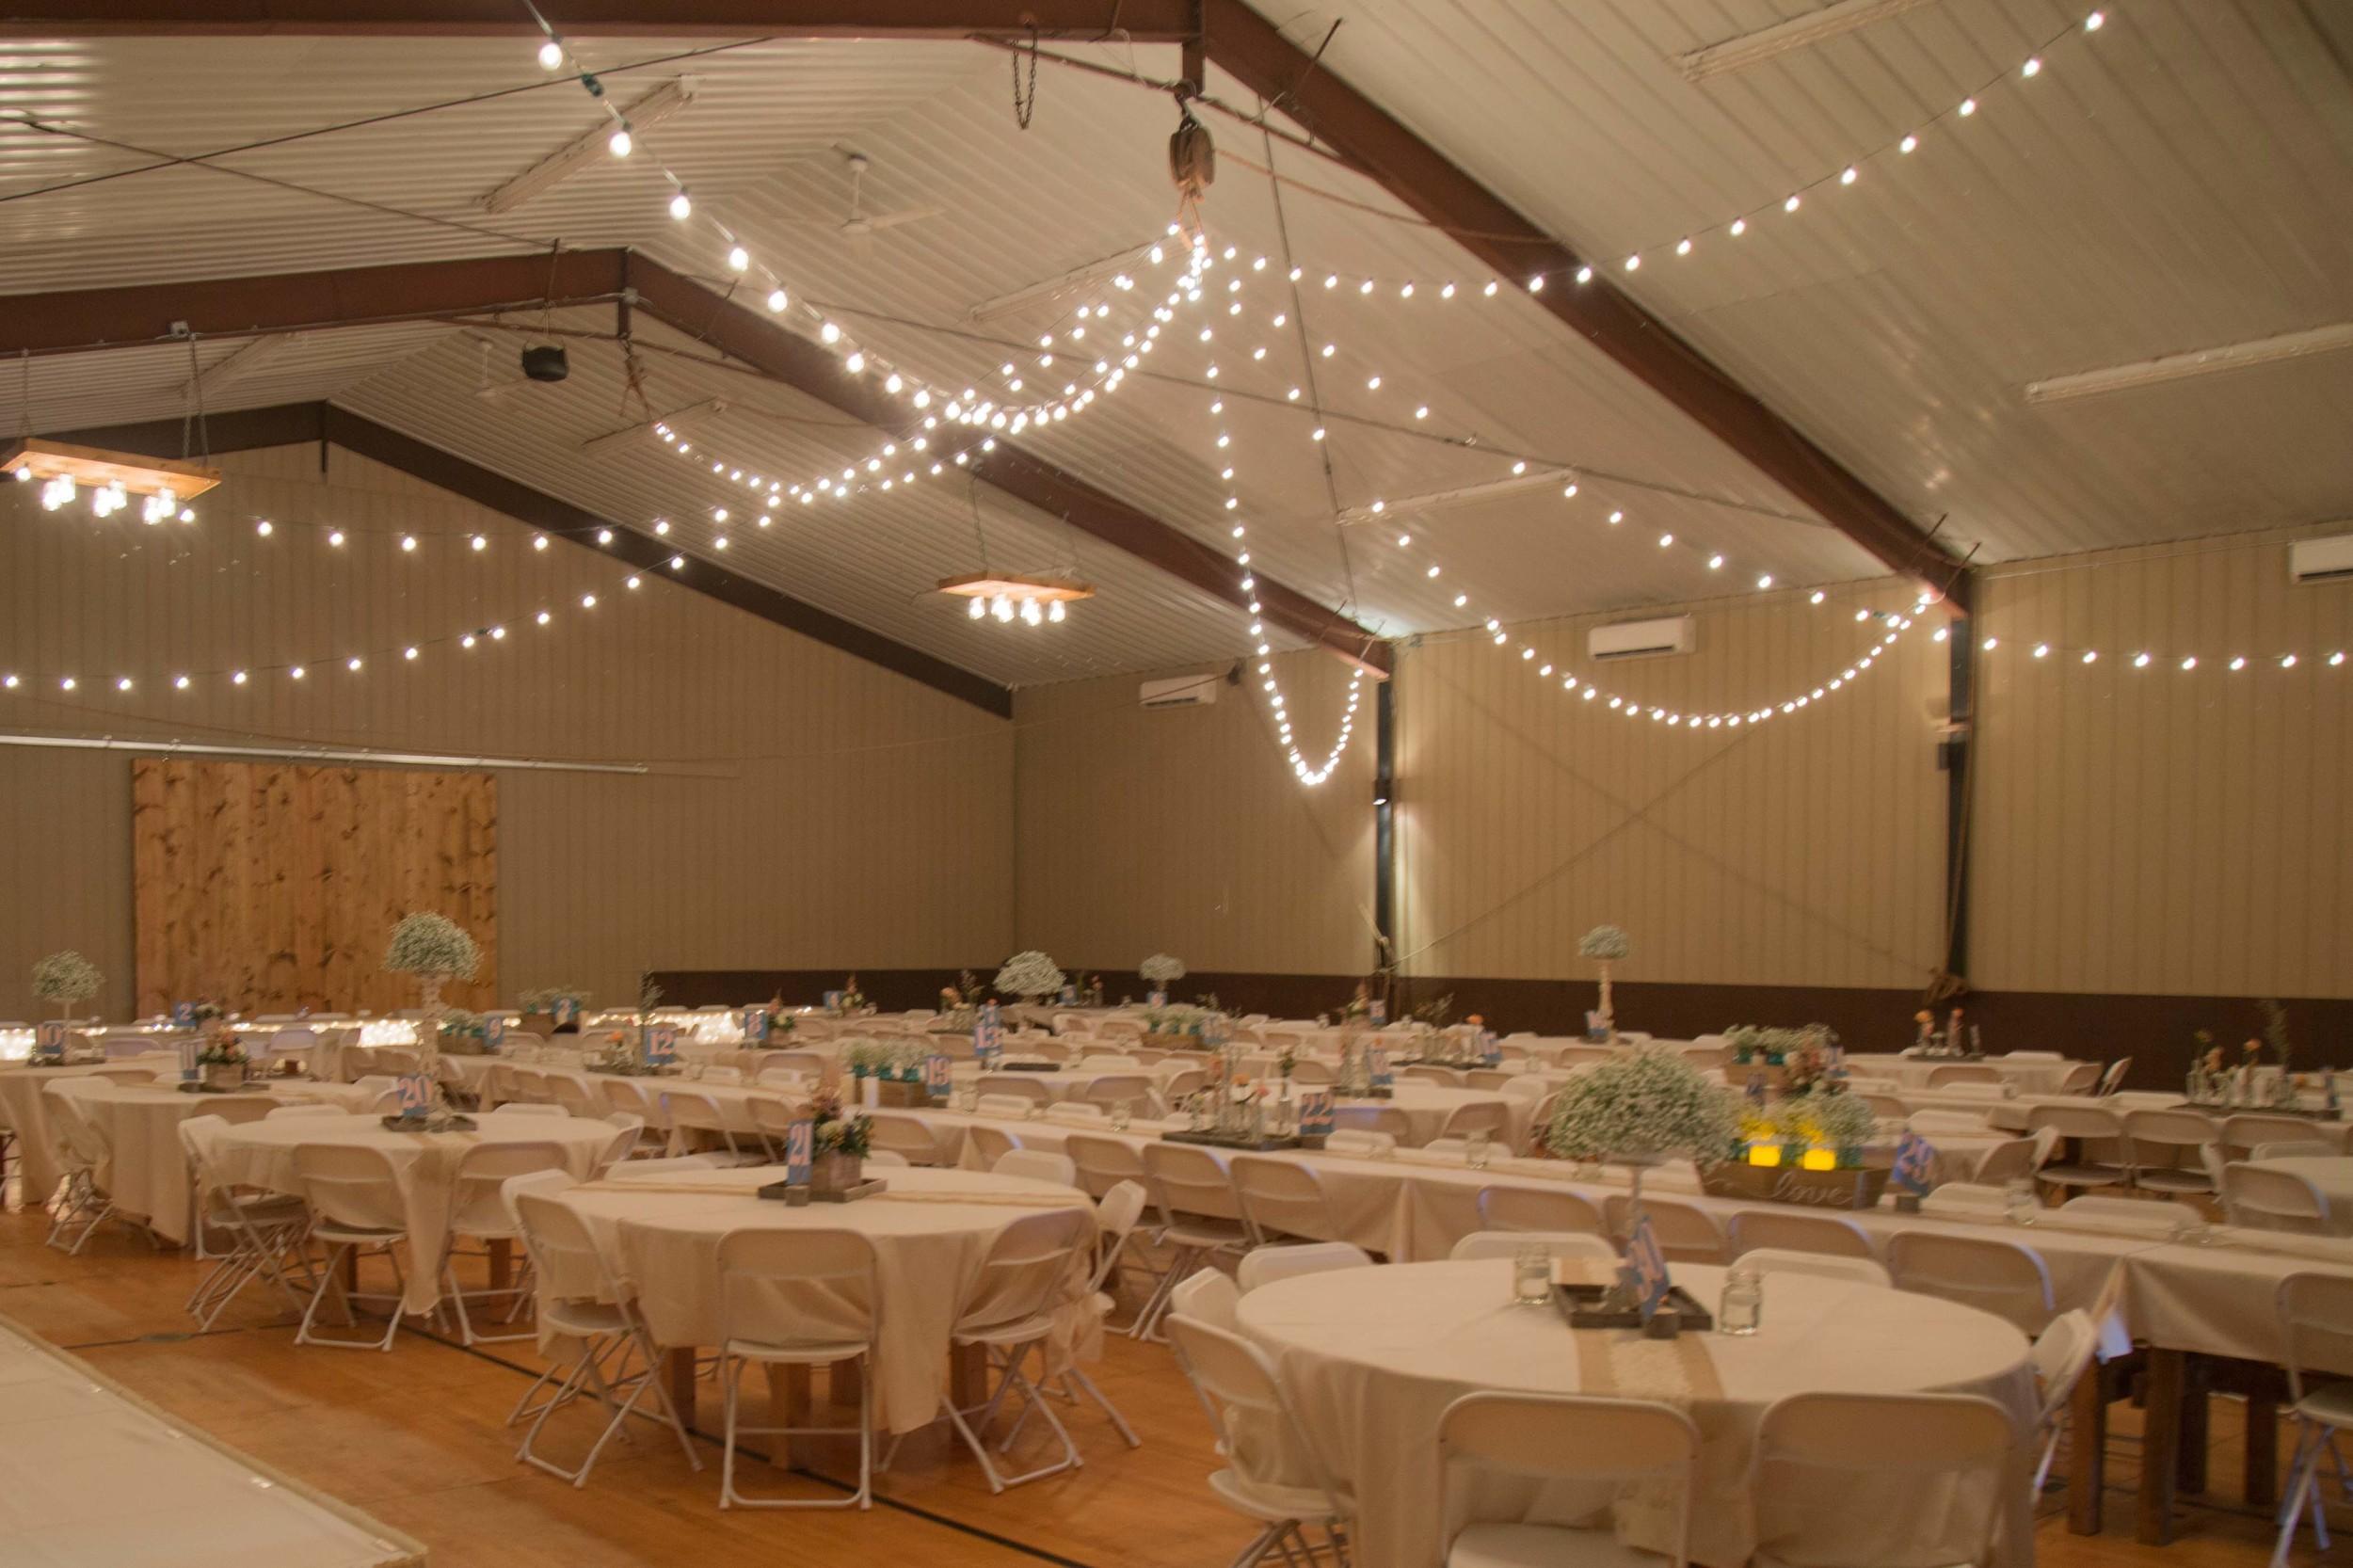 7_31-Hall_Dinner_Setup_3243 2.jpg